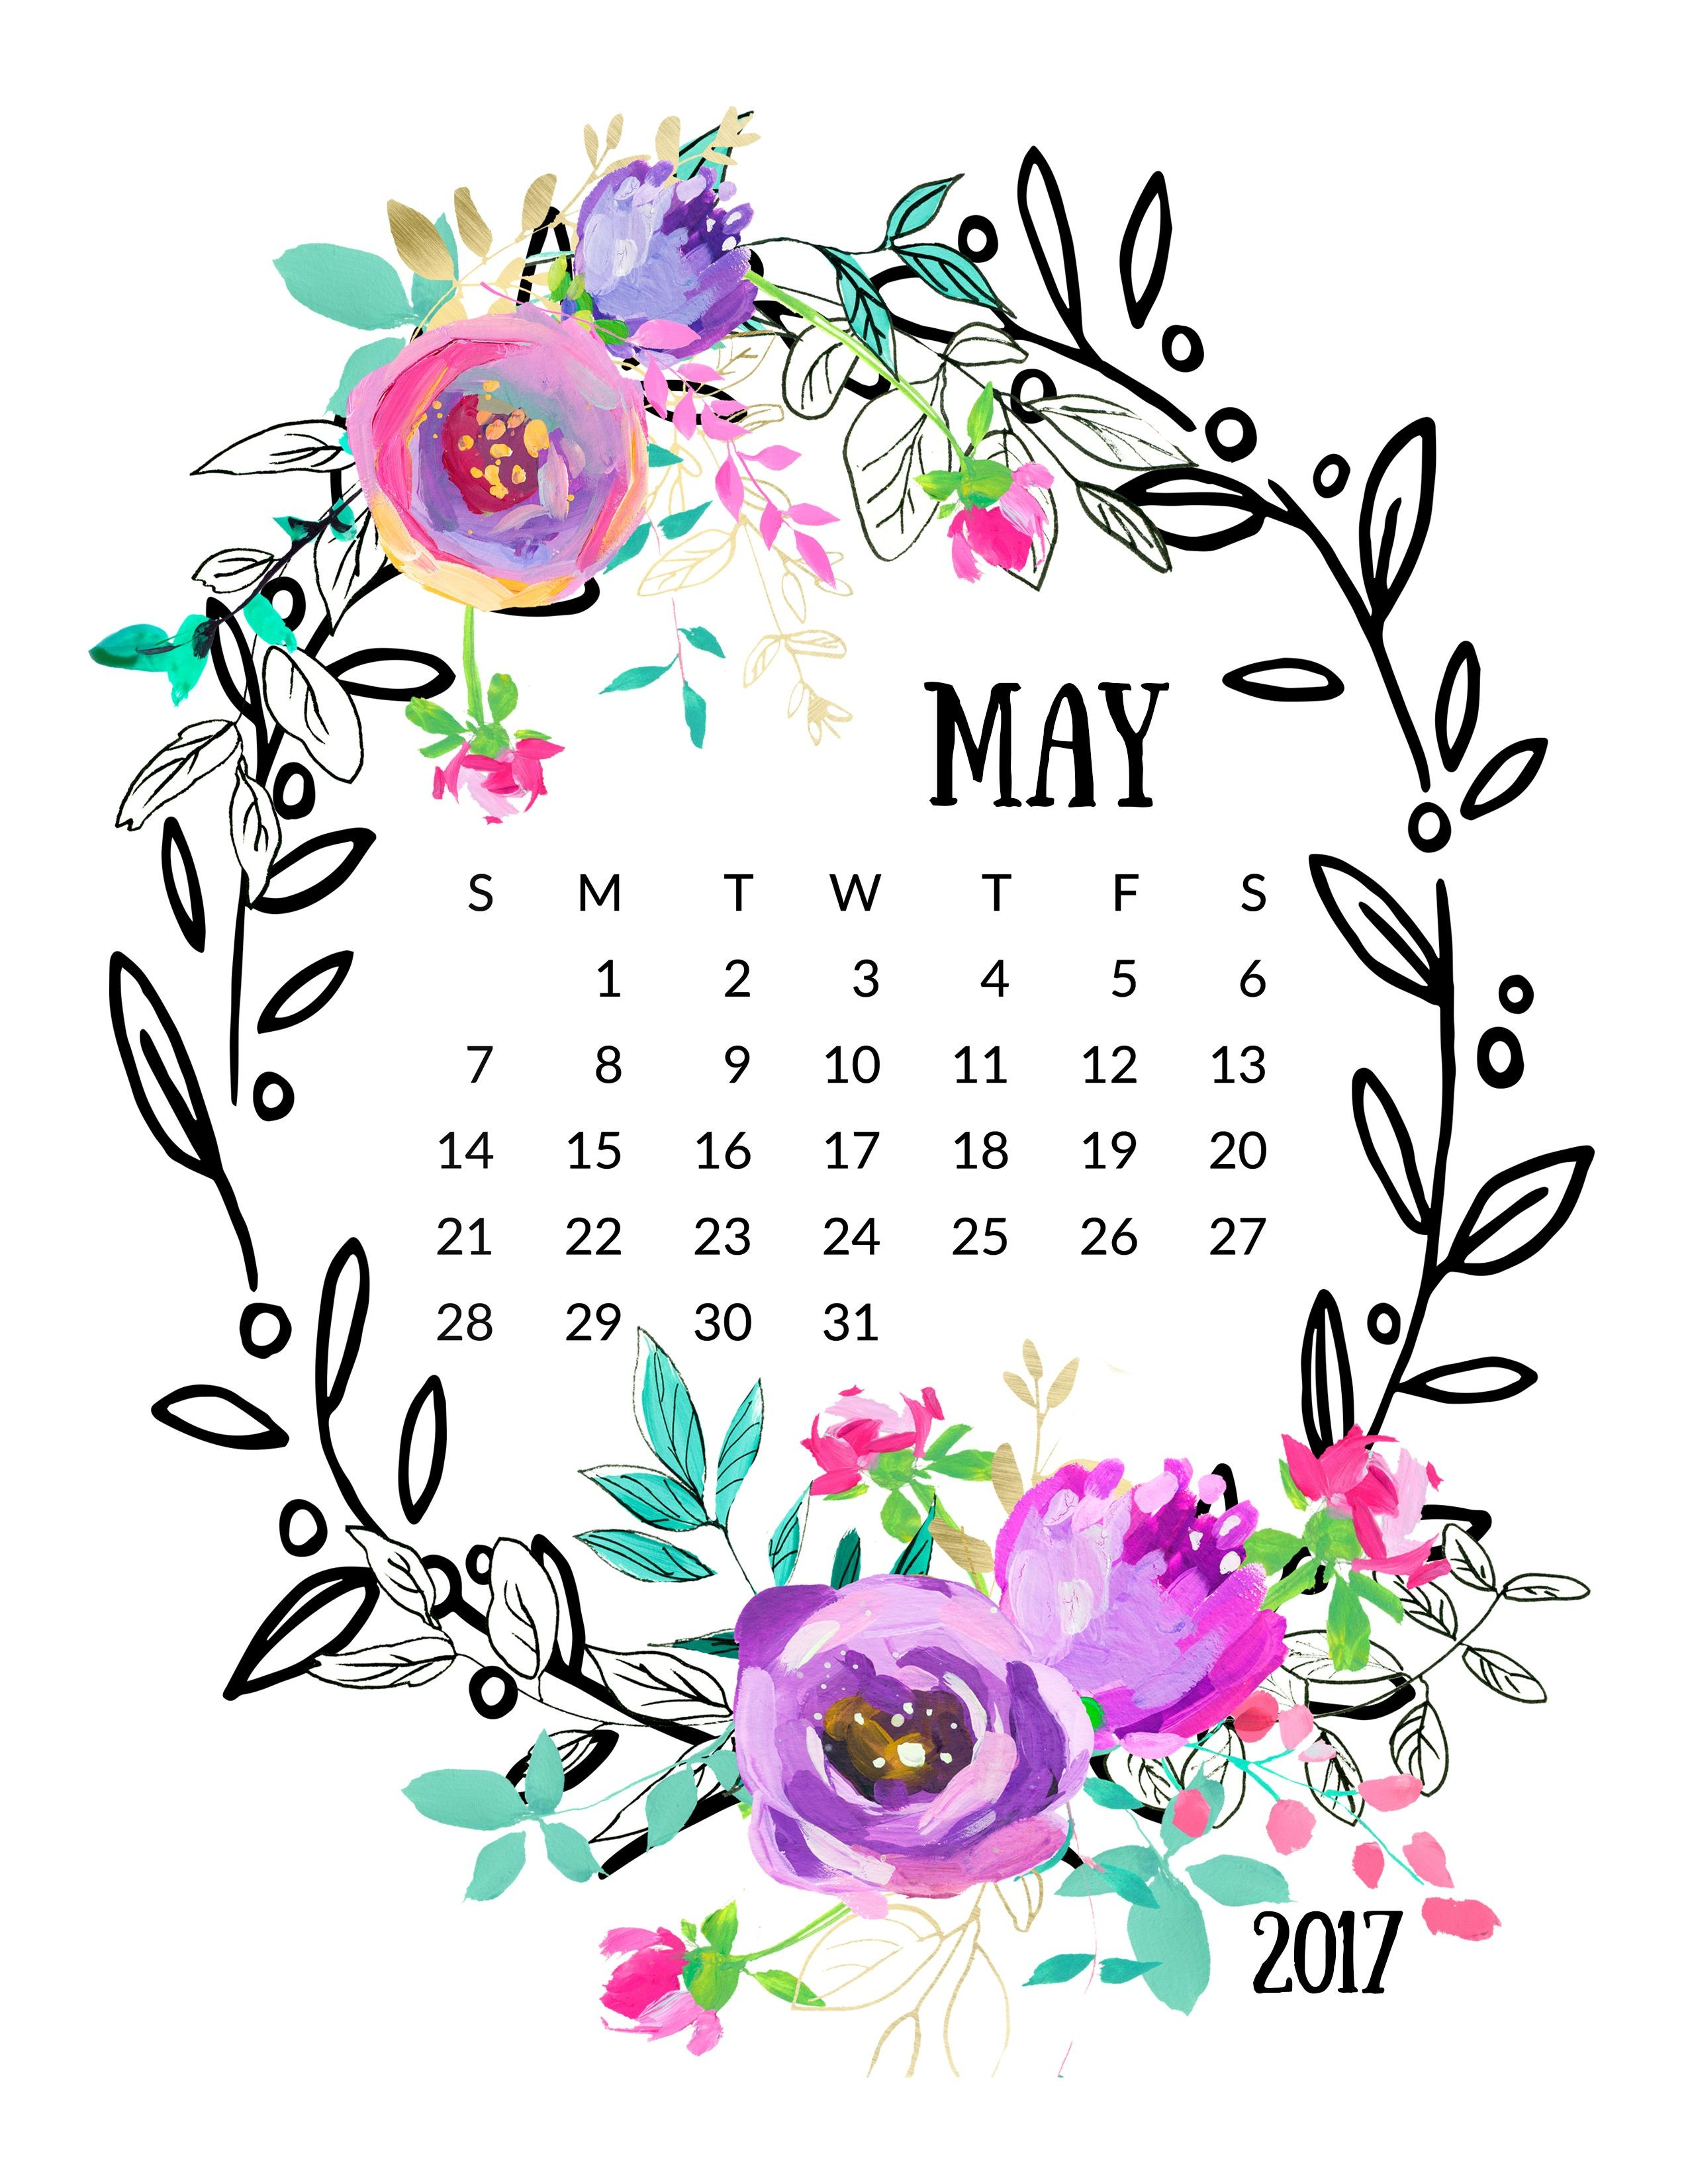 March Calendar Clip Art Más Recientemente Liberado Pin On Planner Ideas Of March Calendar Clip Art Más Arriba-a-fecha Luxury Employee Schedule Template Excel